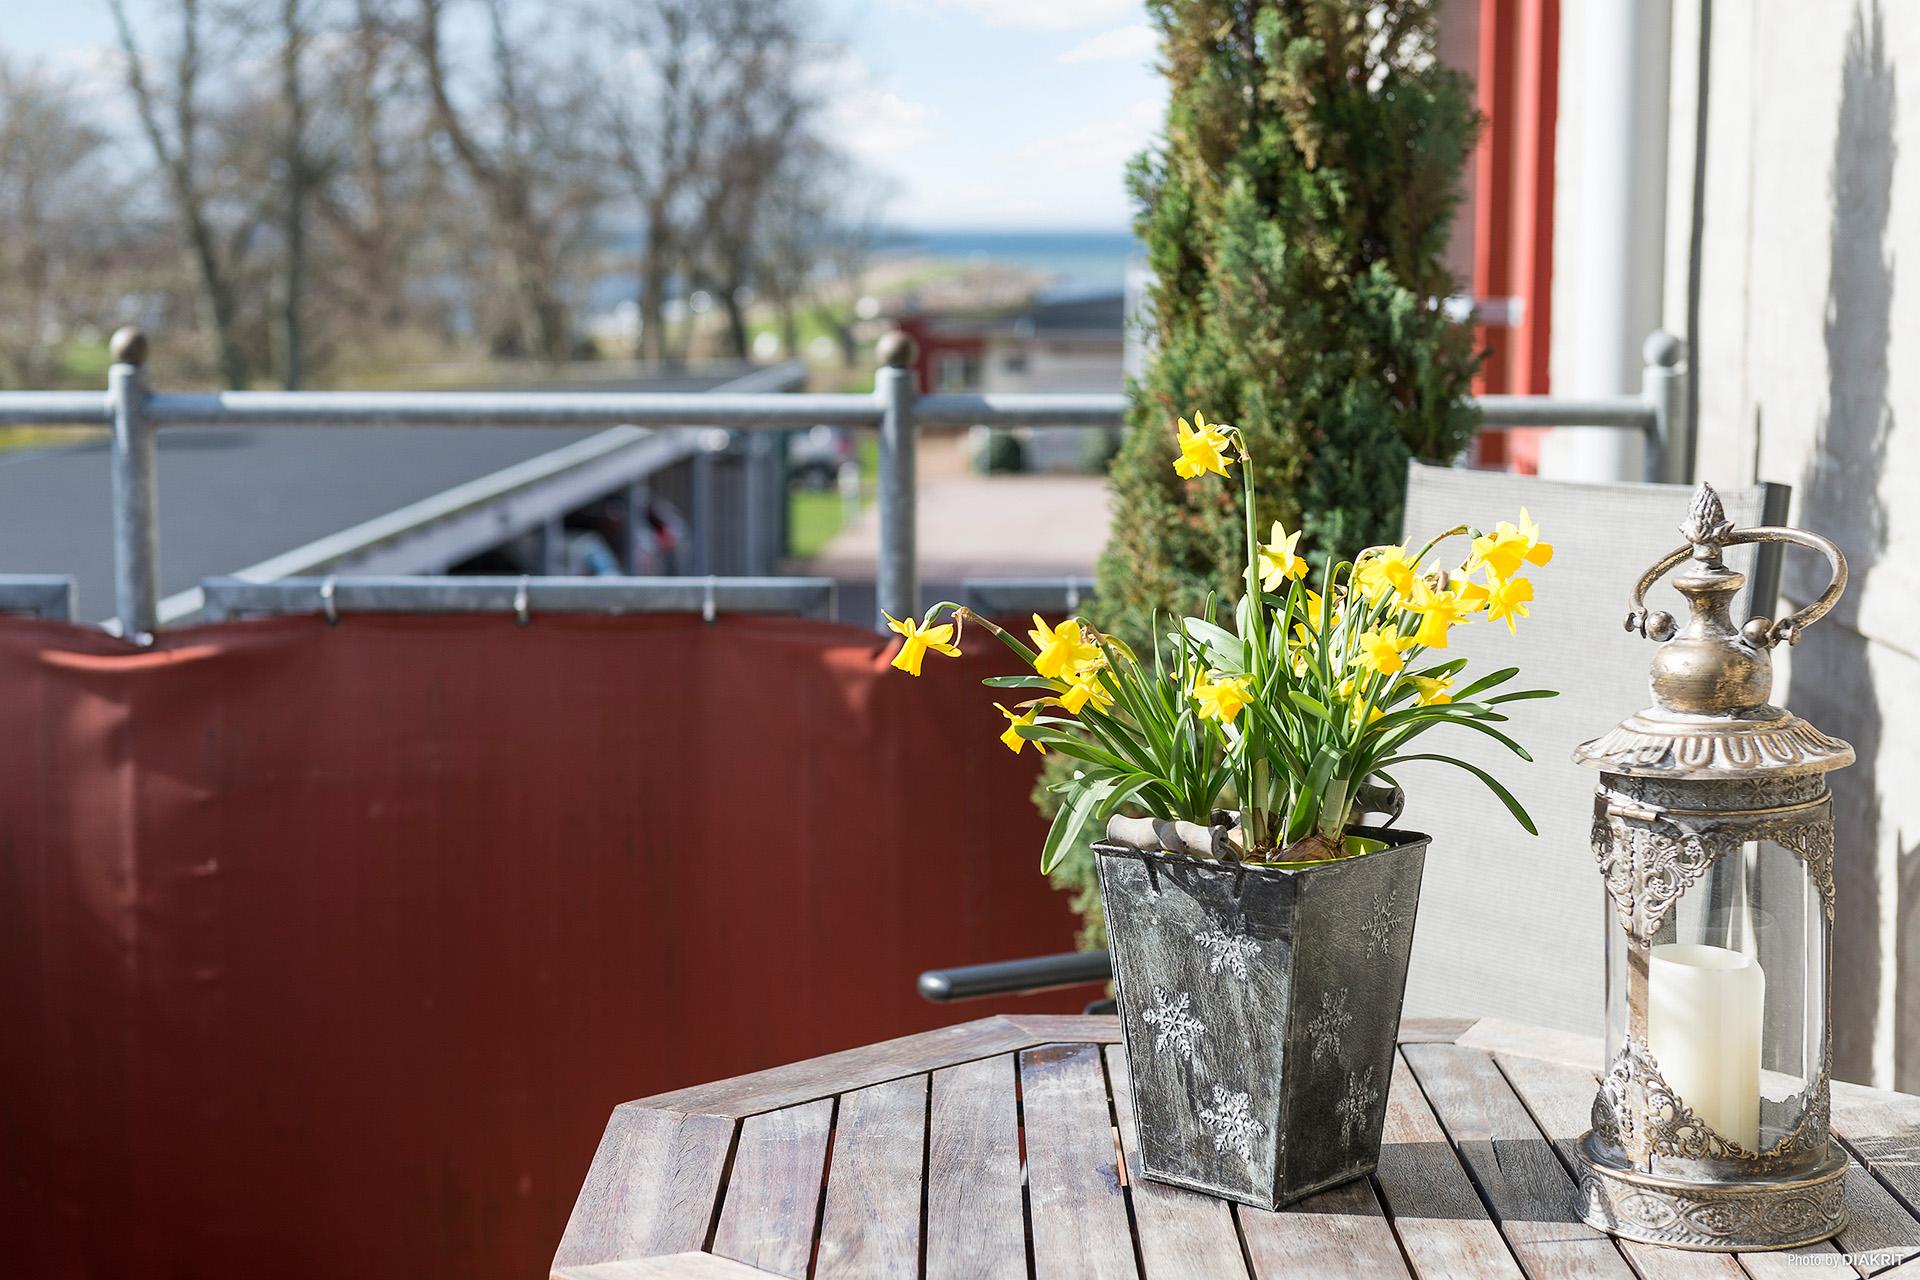 Våren närmar sig med njutbara stunder på balkongen